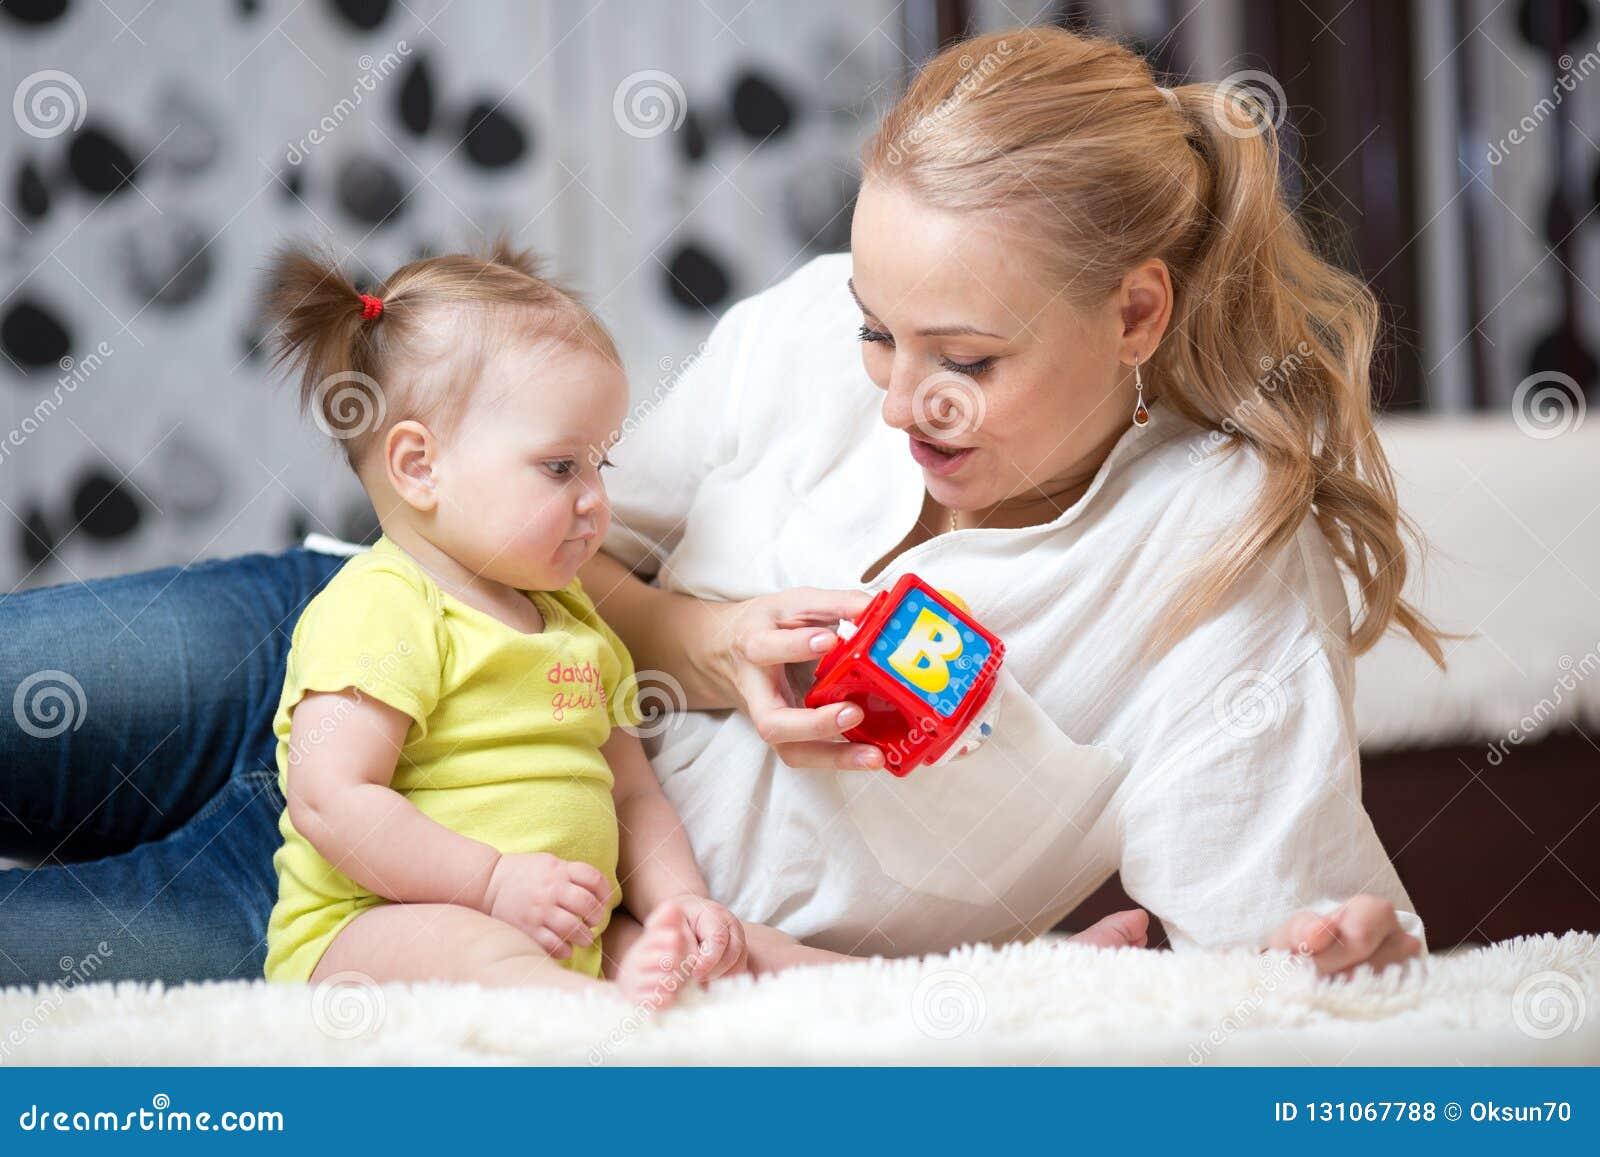 Няня и младенец играя с кубами игрушки дома